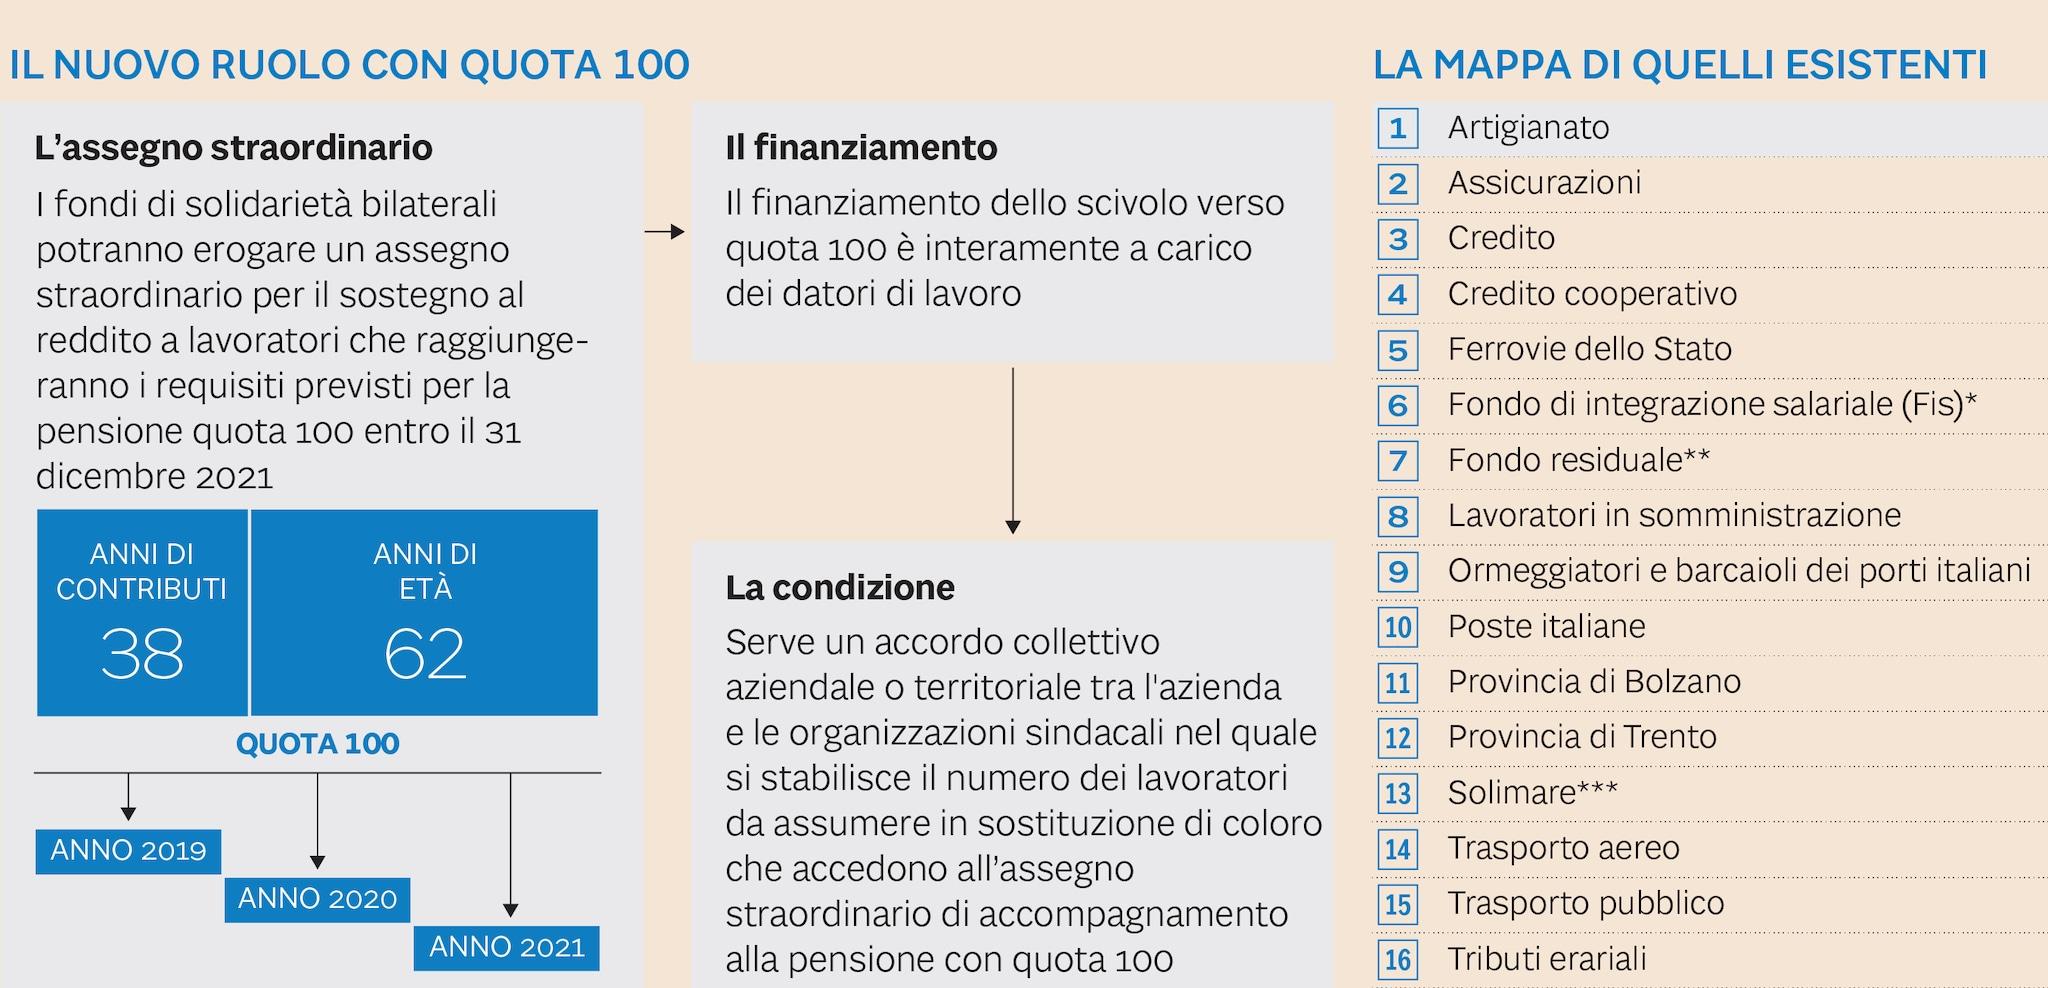 Calendario Pensioni 2020 Inps.Quota 100 Un Bonus Di Tre Anni Verso La Pensione Ma Il